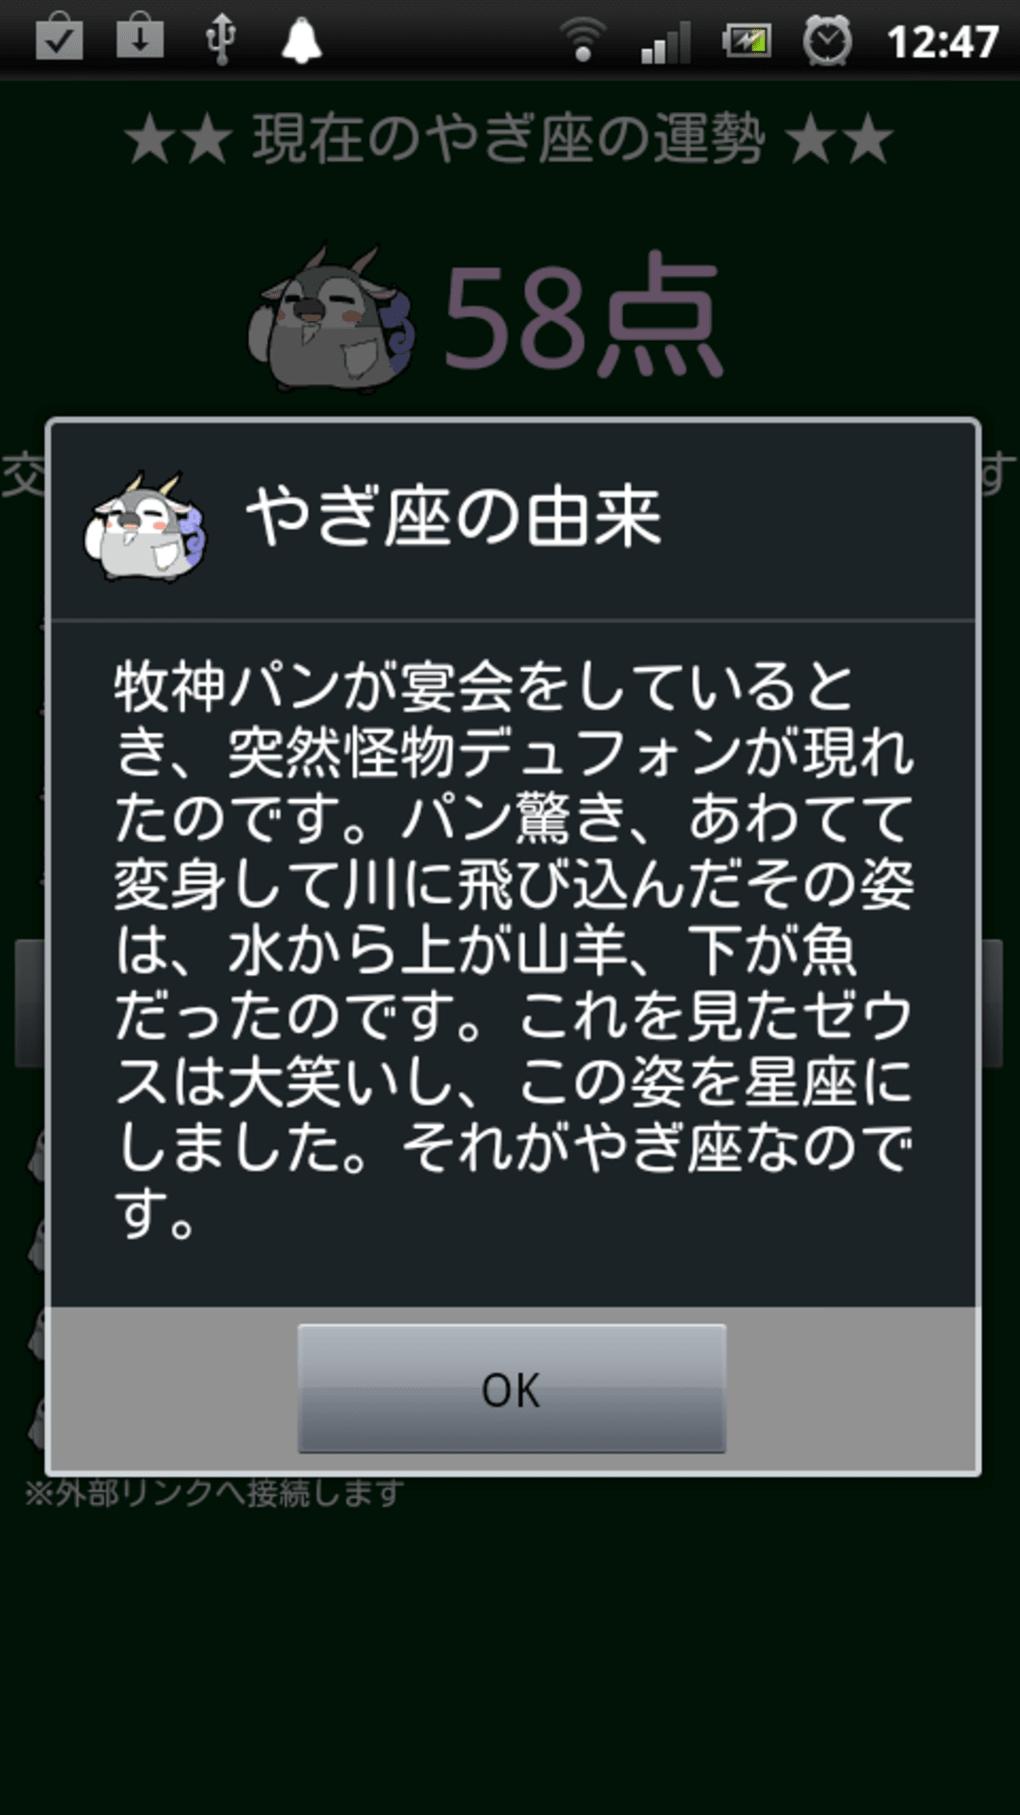 ぺそぎん占い 無料12星座占い for android - ダウンロード